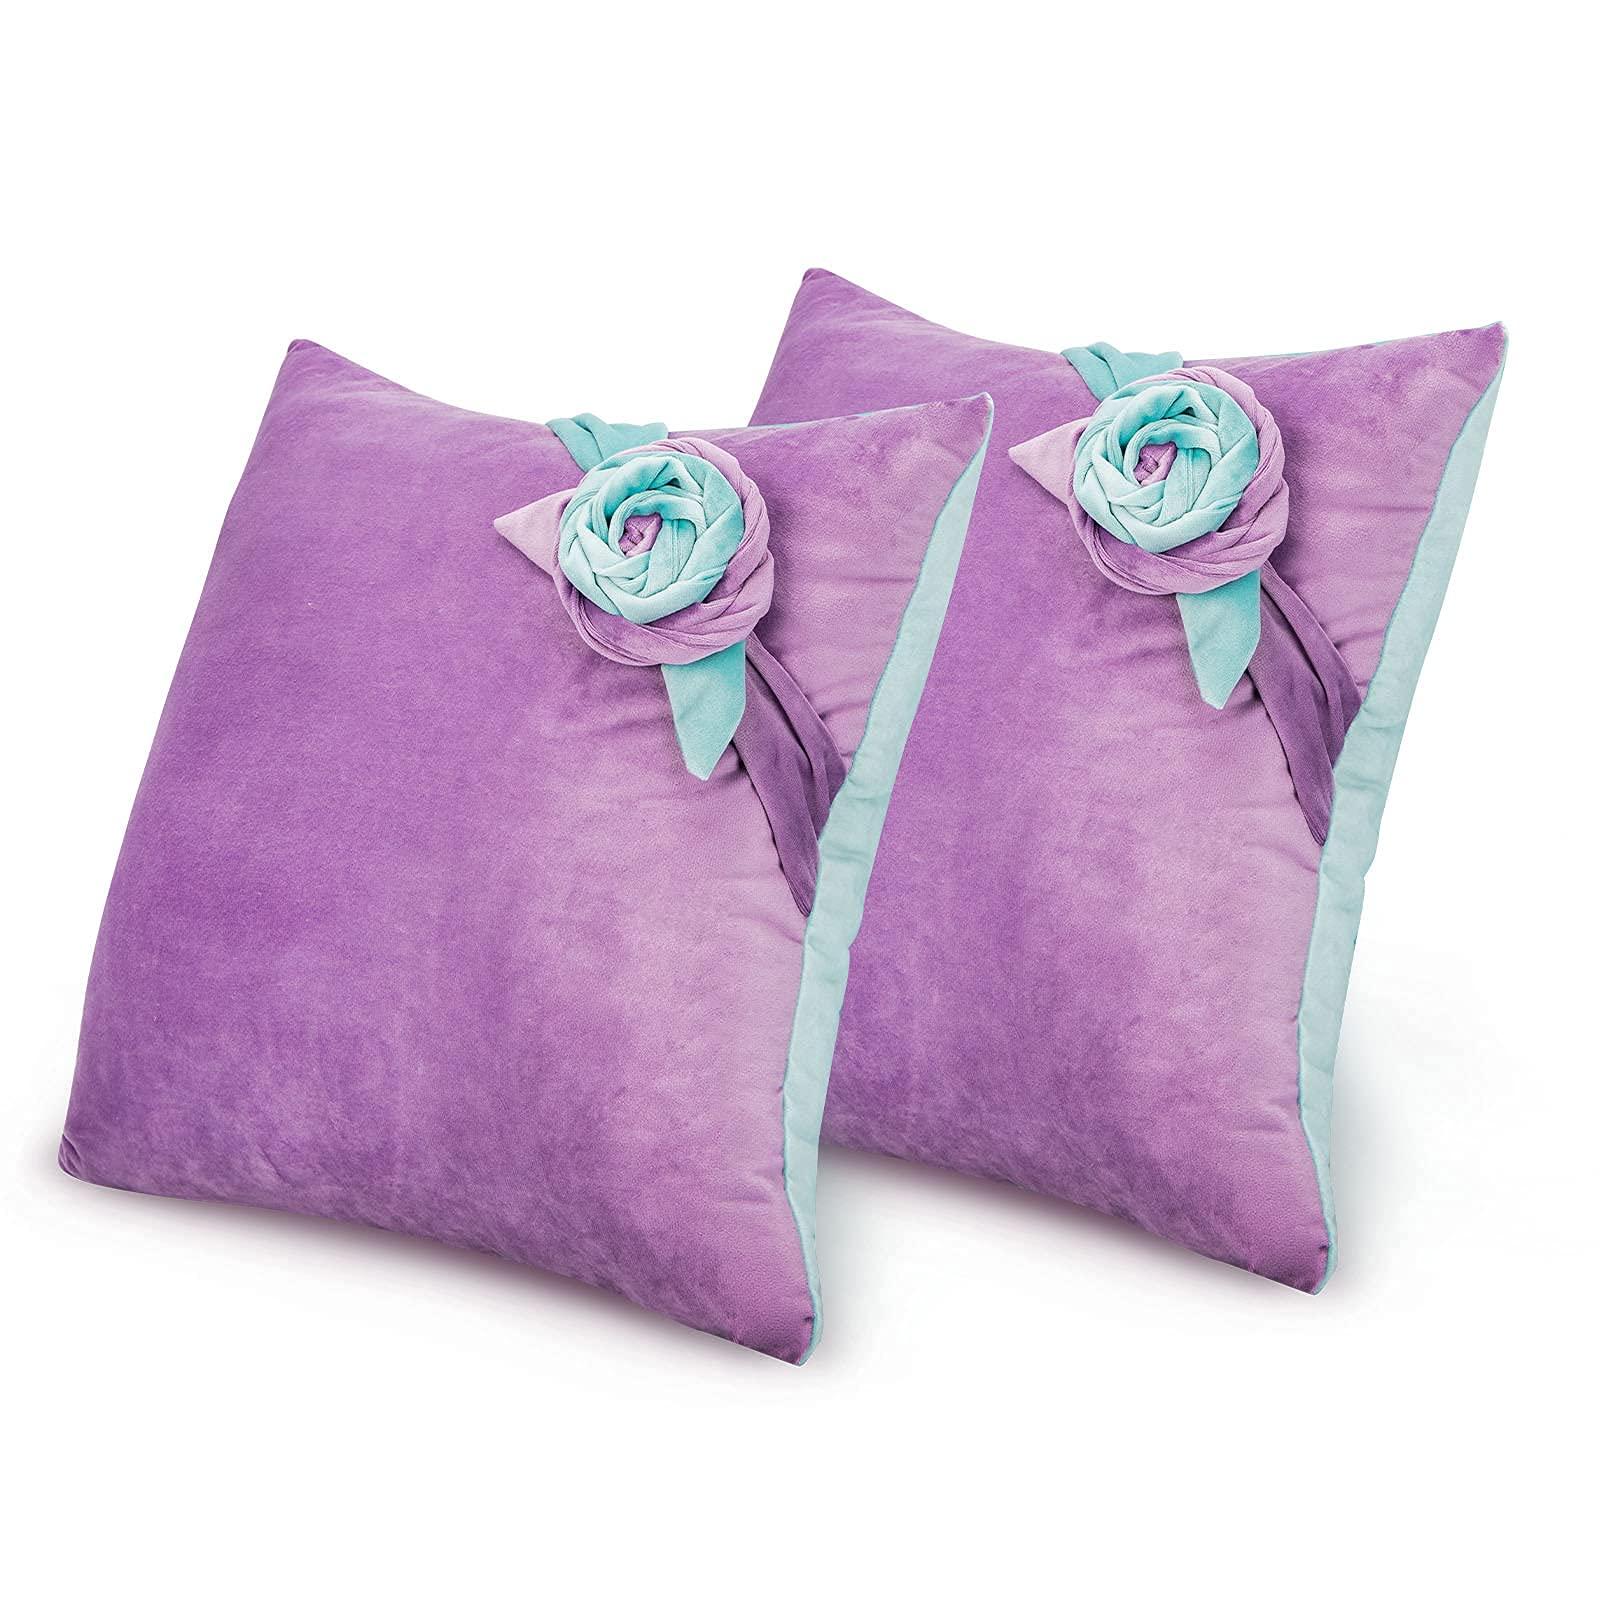 Tayis Purple Throw Pillowcase 16 x 16 Velvet Soft Decorative Square Throw